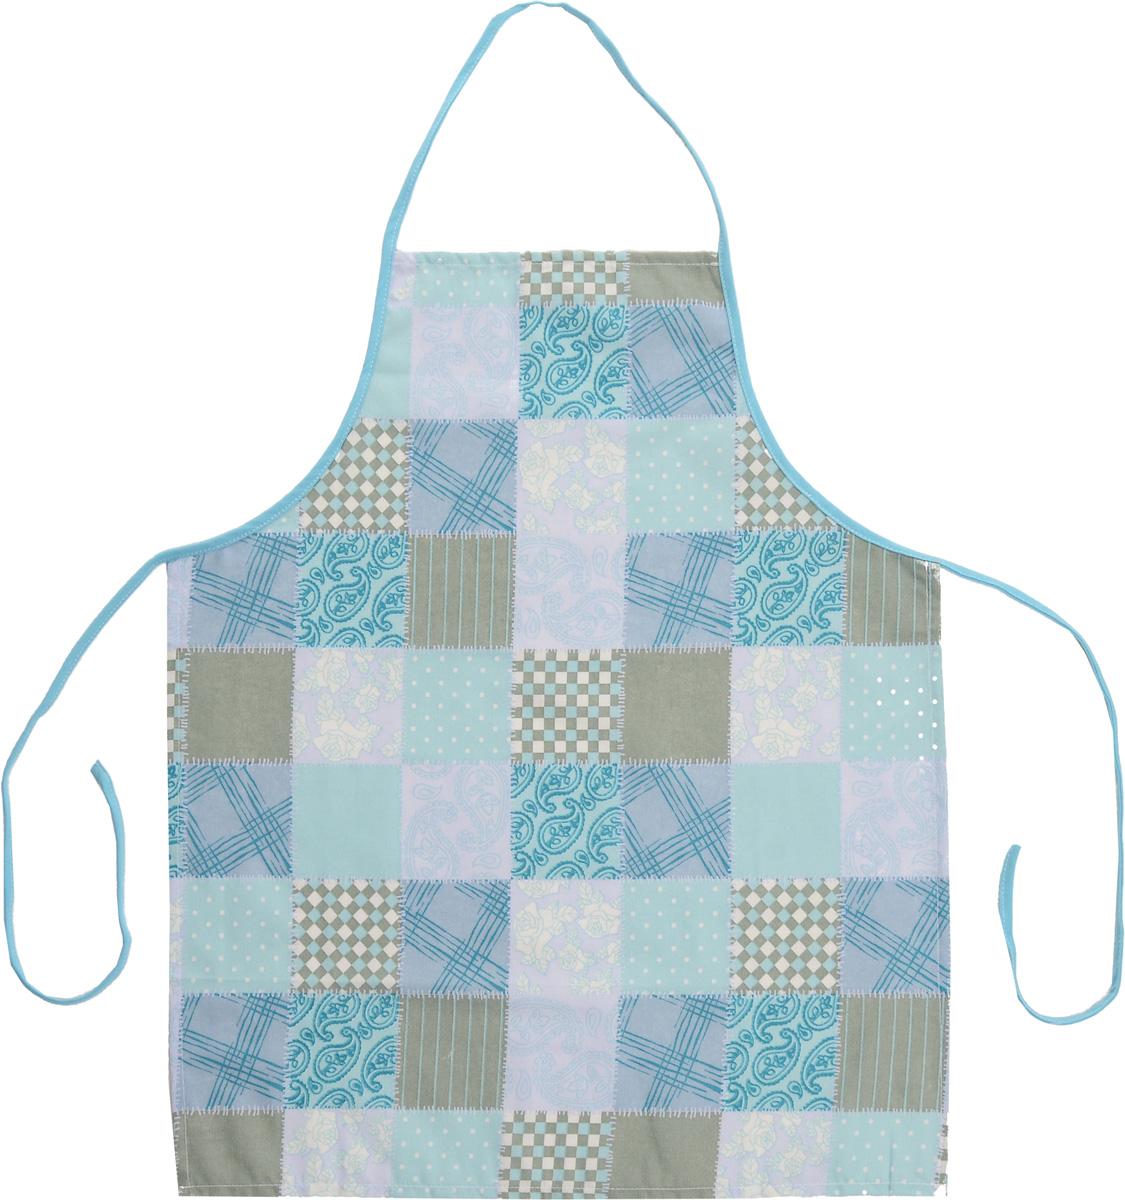 Фартук Bonita Голубика, 56 х 67 см14010815709Фартук Bonita Голубика изготовлен из натурального хлопка с покрытием, которое отталкивает грязь, воду и масло. Фартук оснащен завязками. Имеет универсальный размер. Декорирован красивым узором, который понравится любой хозяйке. Такой фартук поможет вам избежать попадания еды на одежду во время приготовления пищи. Кухня - это сердце дома, где вся семья собирается вместе. Она бережно хранит и поддерживает жизнь домашнего очага, который нас согревает. Именно поэтому так важно создать здесь атмосферу, которая не только возбудит аппетит, но и наполнит жизненной энергией. С текстилем Bonita открывается возможность не только каждый день дарить кухне новый облик, но и создавать настоящие кулинарные шедевры. Bonita станет незаменимым помощником и идейным вдохновителем, создающим вкусное настроение на вашей кухне.